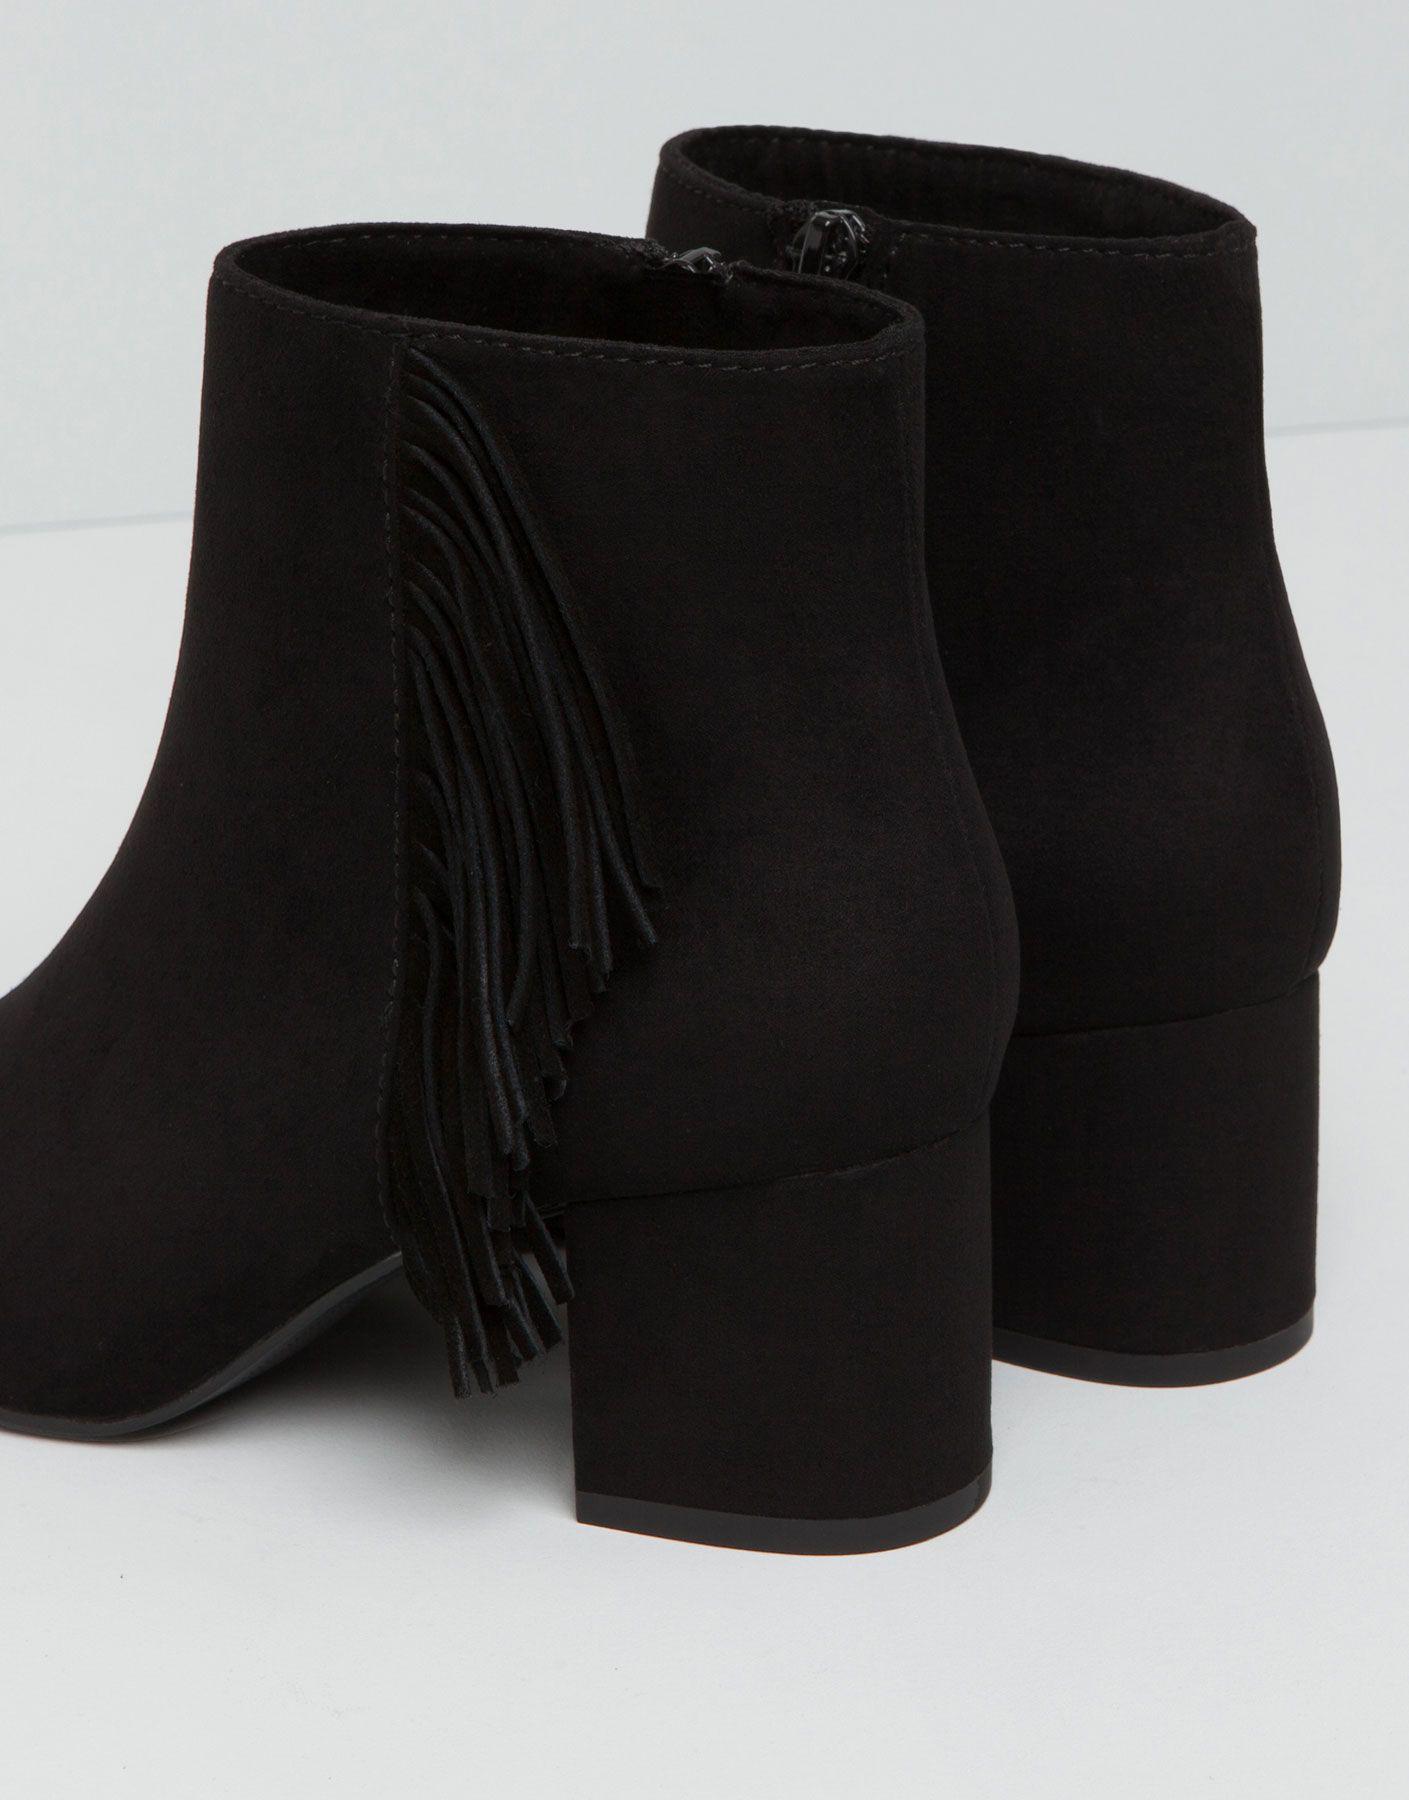 Botki Na Obcasie Z Fredzlami Buty Damskie Dla Niej Pull Bear Polska Shoes Latest Fashion Trends Fashion